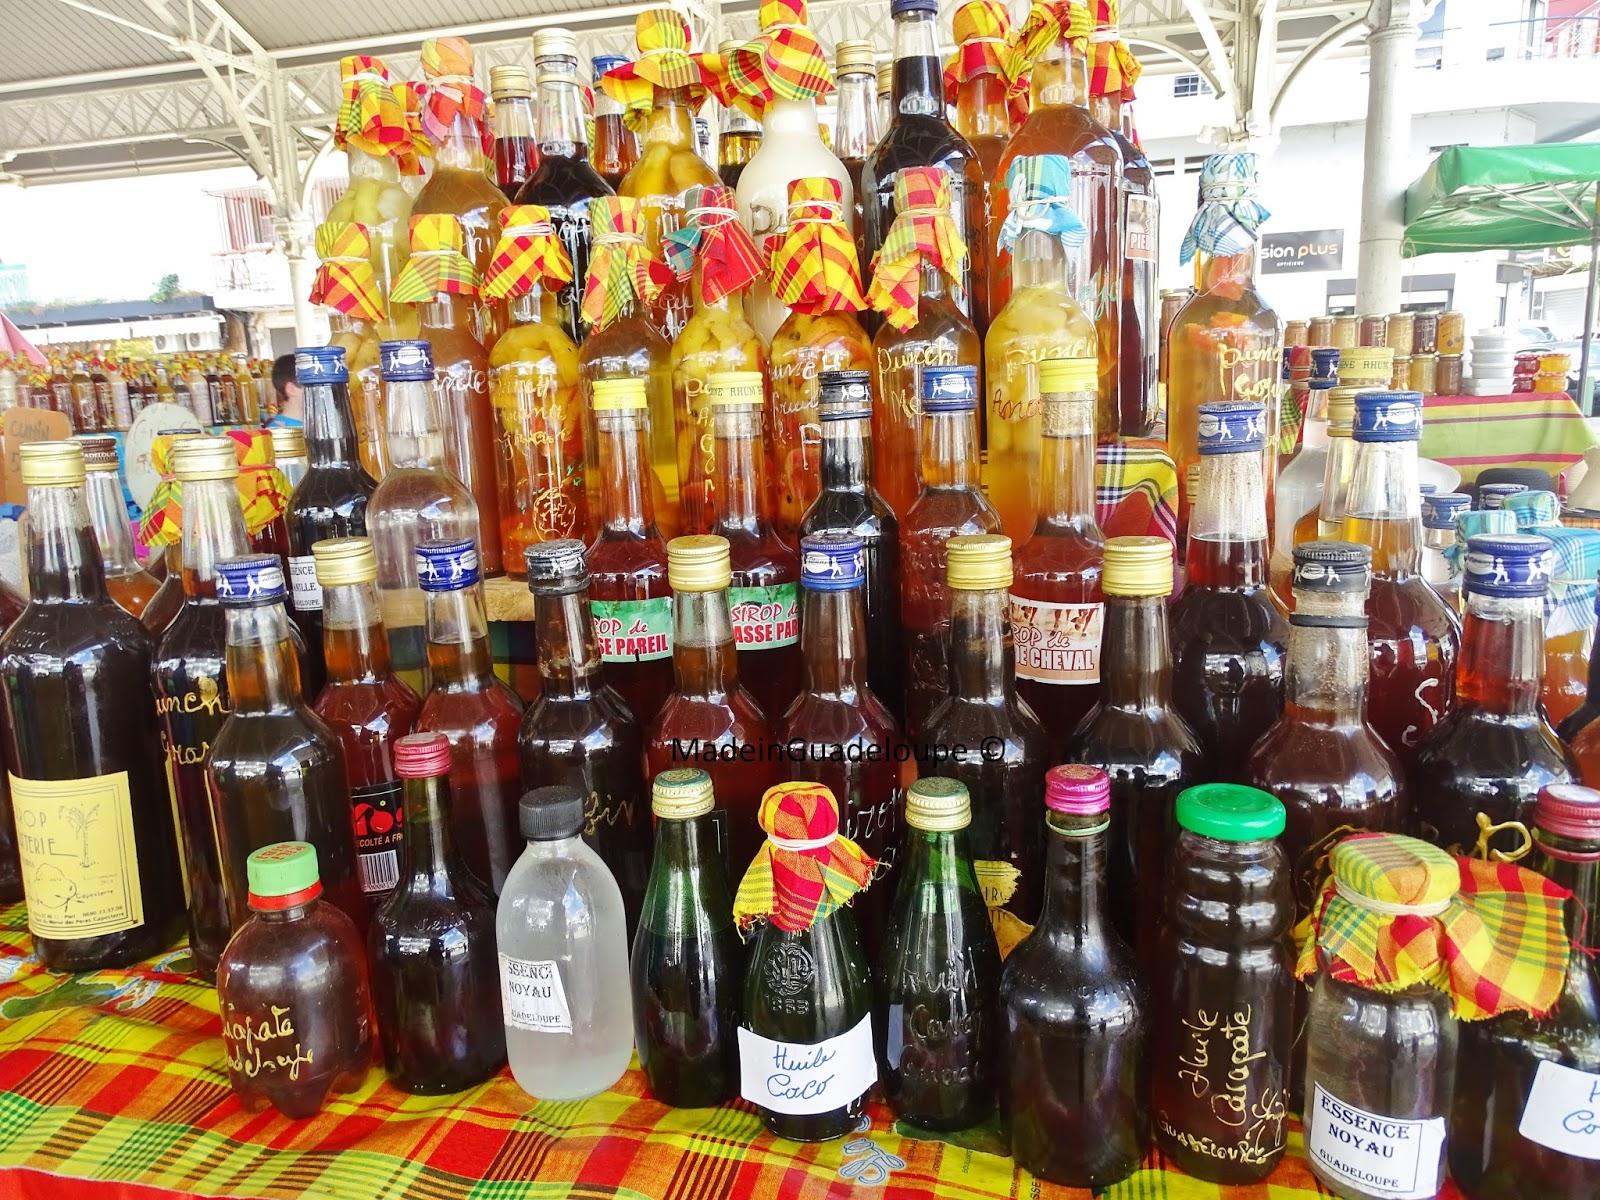 bouteilles de rhums marché aux epices